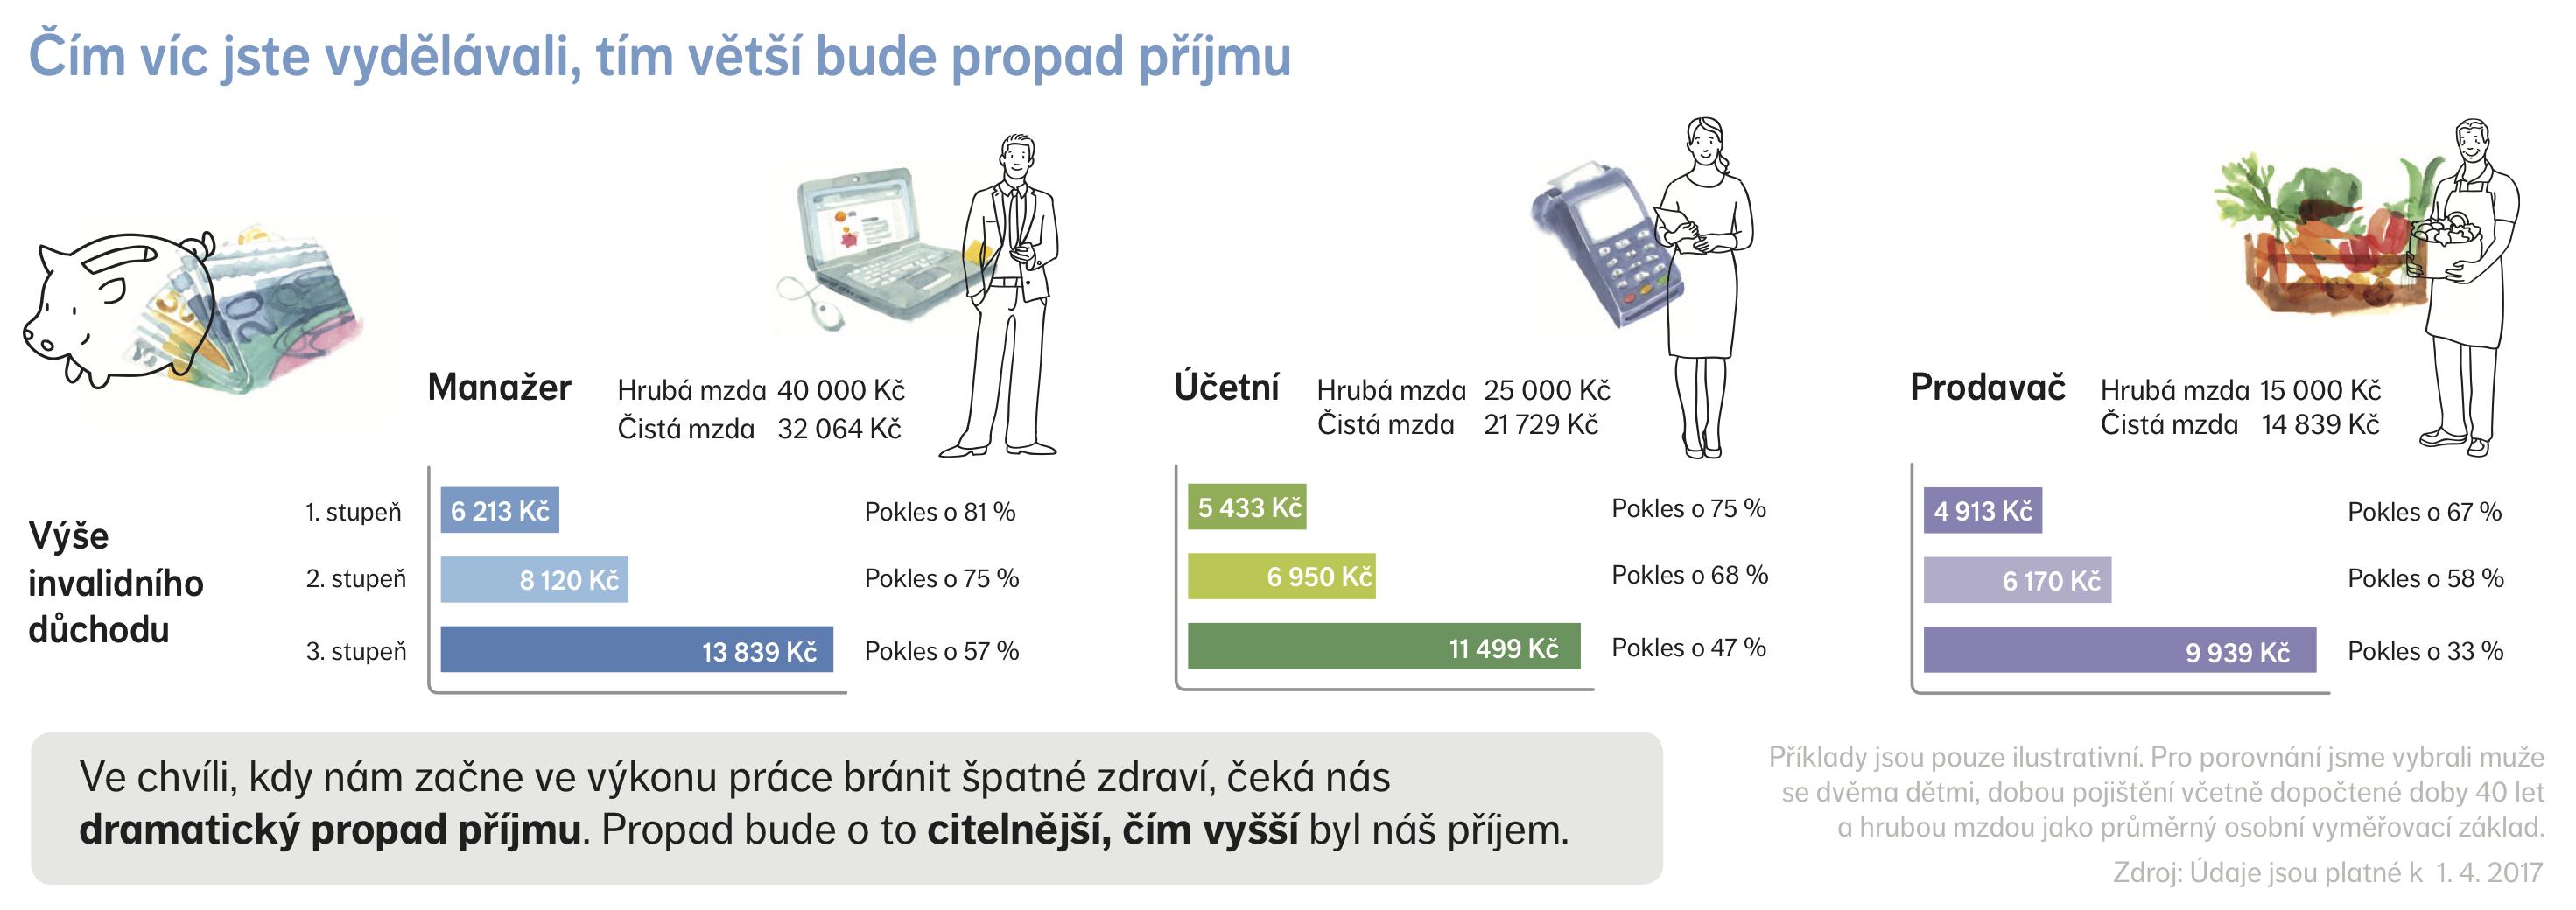 Online pujcky bez registru uhlířské janovice stavebniny